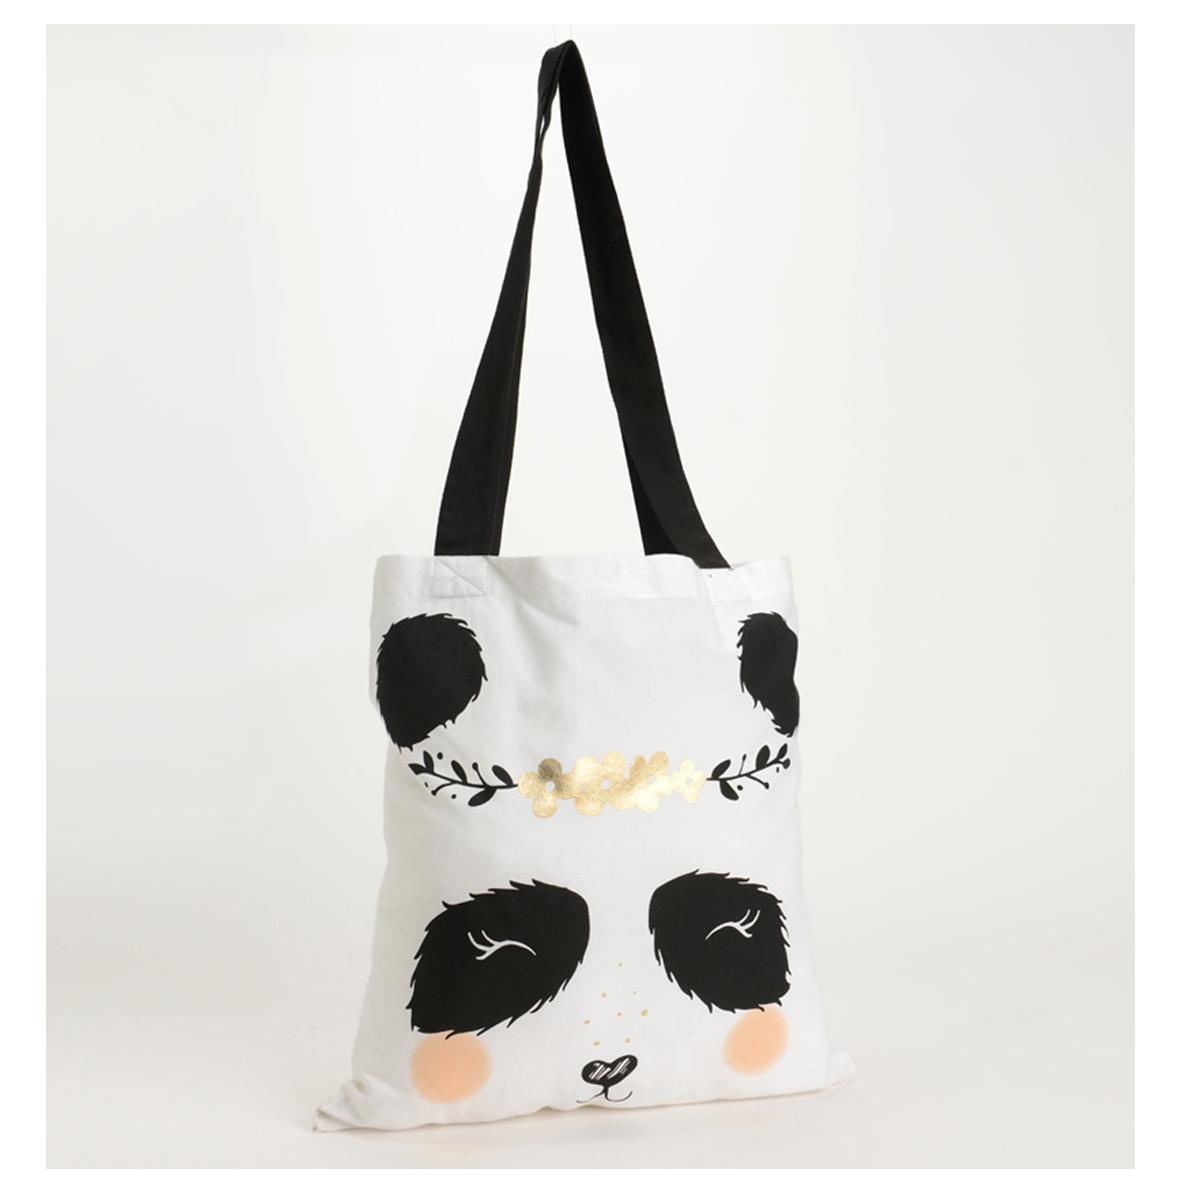 Sac coton / tote bag \'Panda\' noir blanc - 38x38 cm - [Q9583]